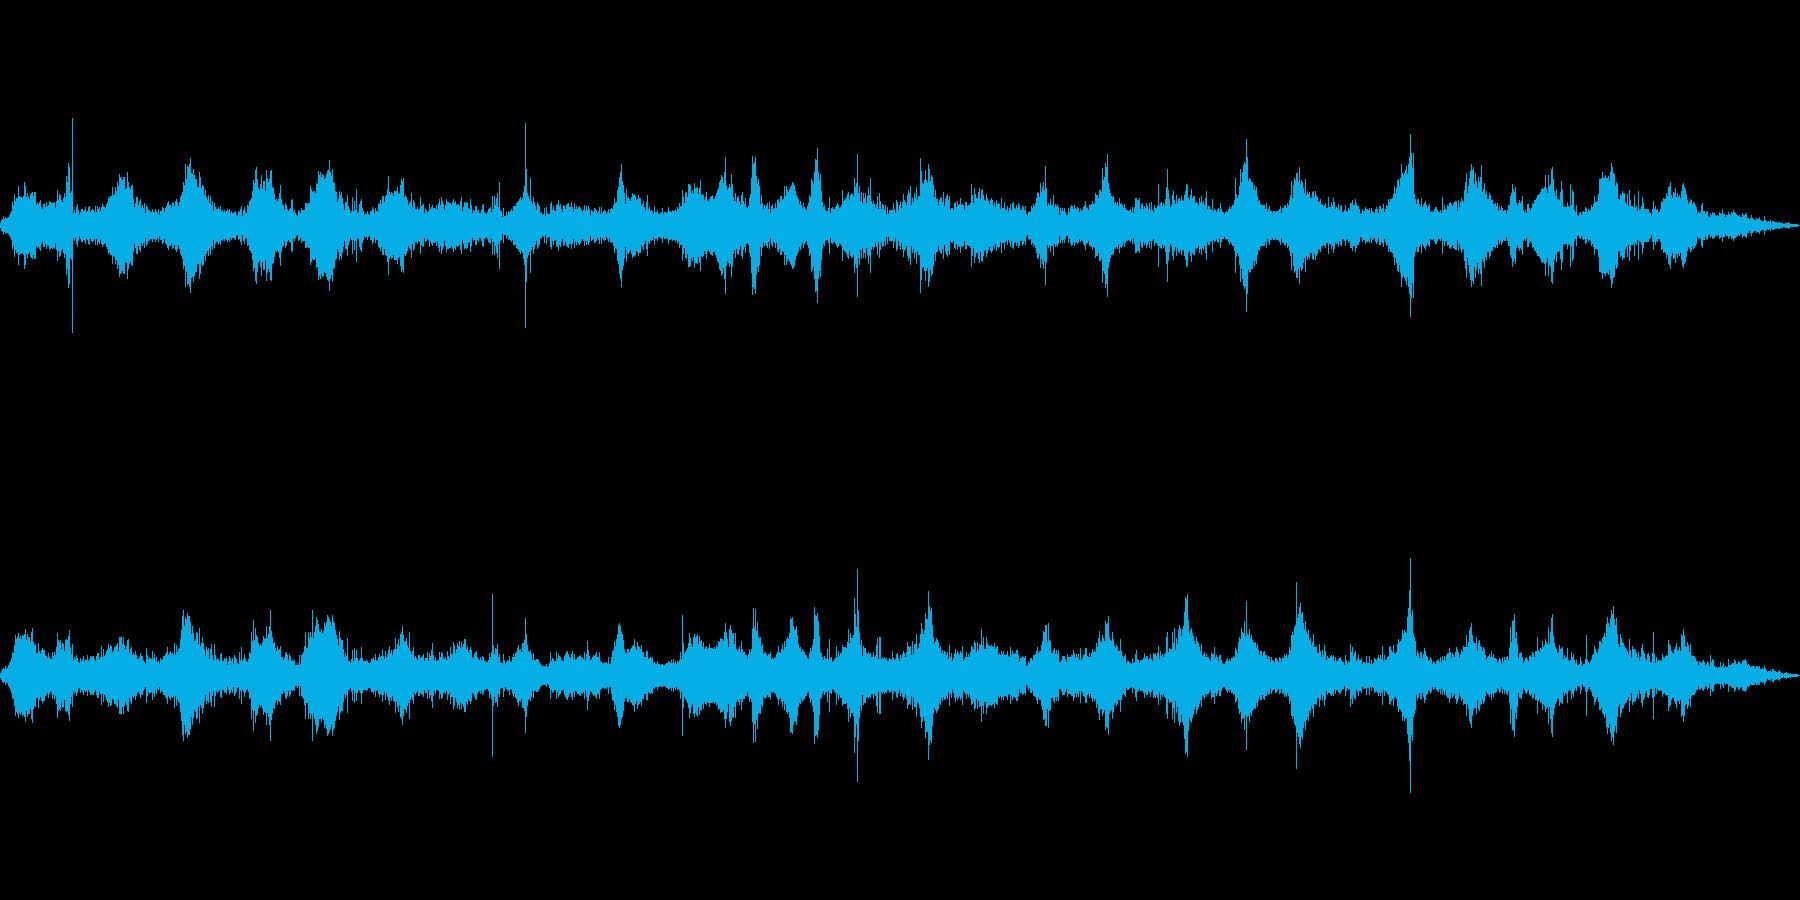 海 波 浜辺 海岸 カモメの環境音 21の再生済みの波形